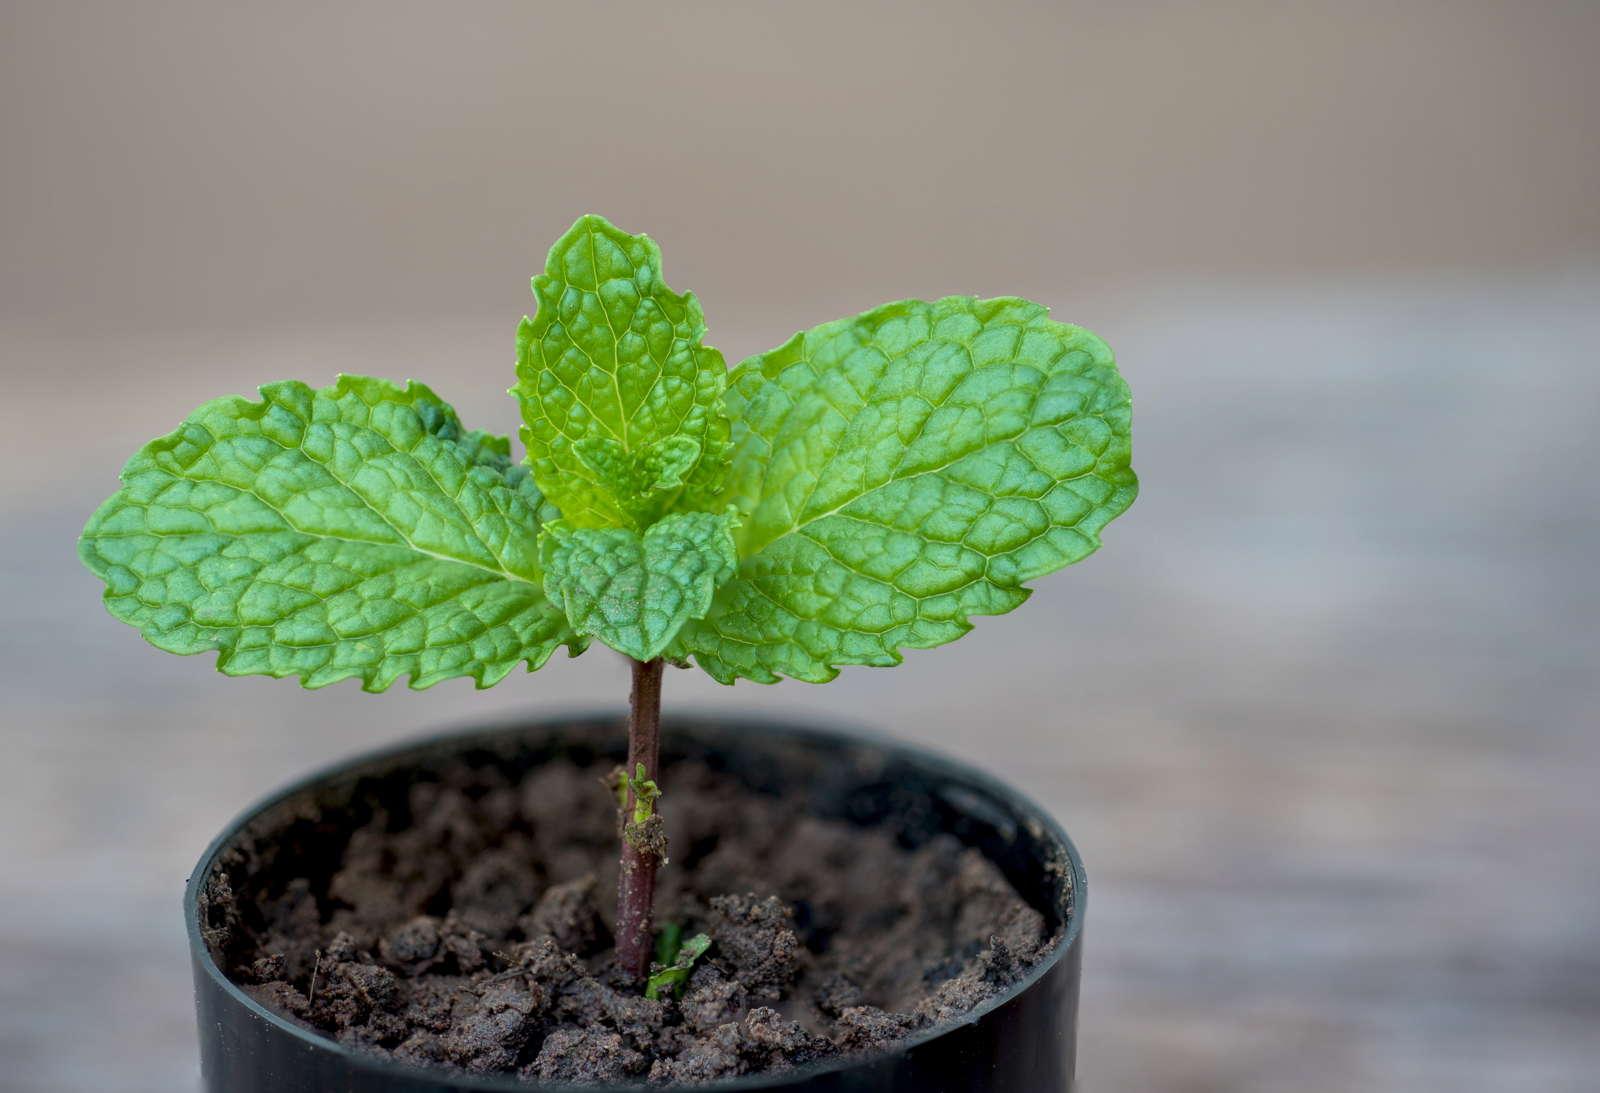 Etwas Neues genug 10 Tipps zum Anbau von Minze - Plantura &PO_84